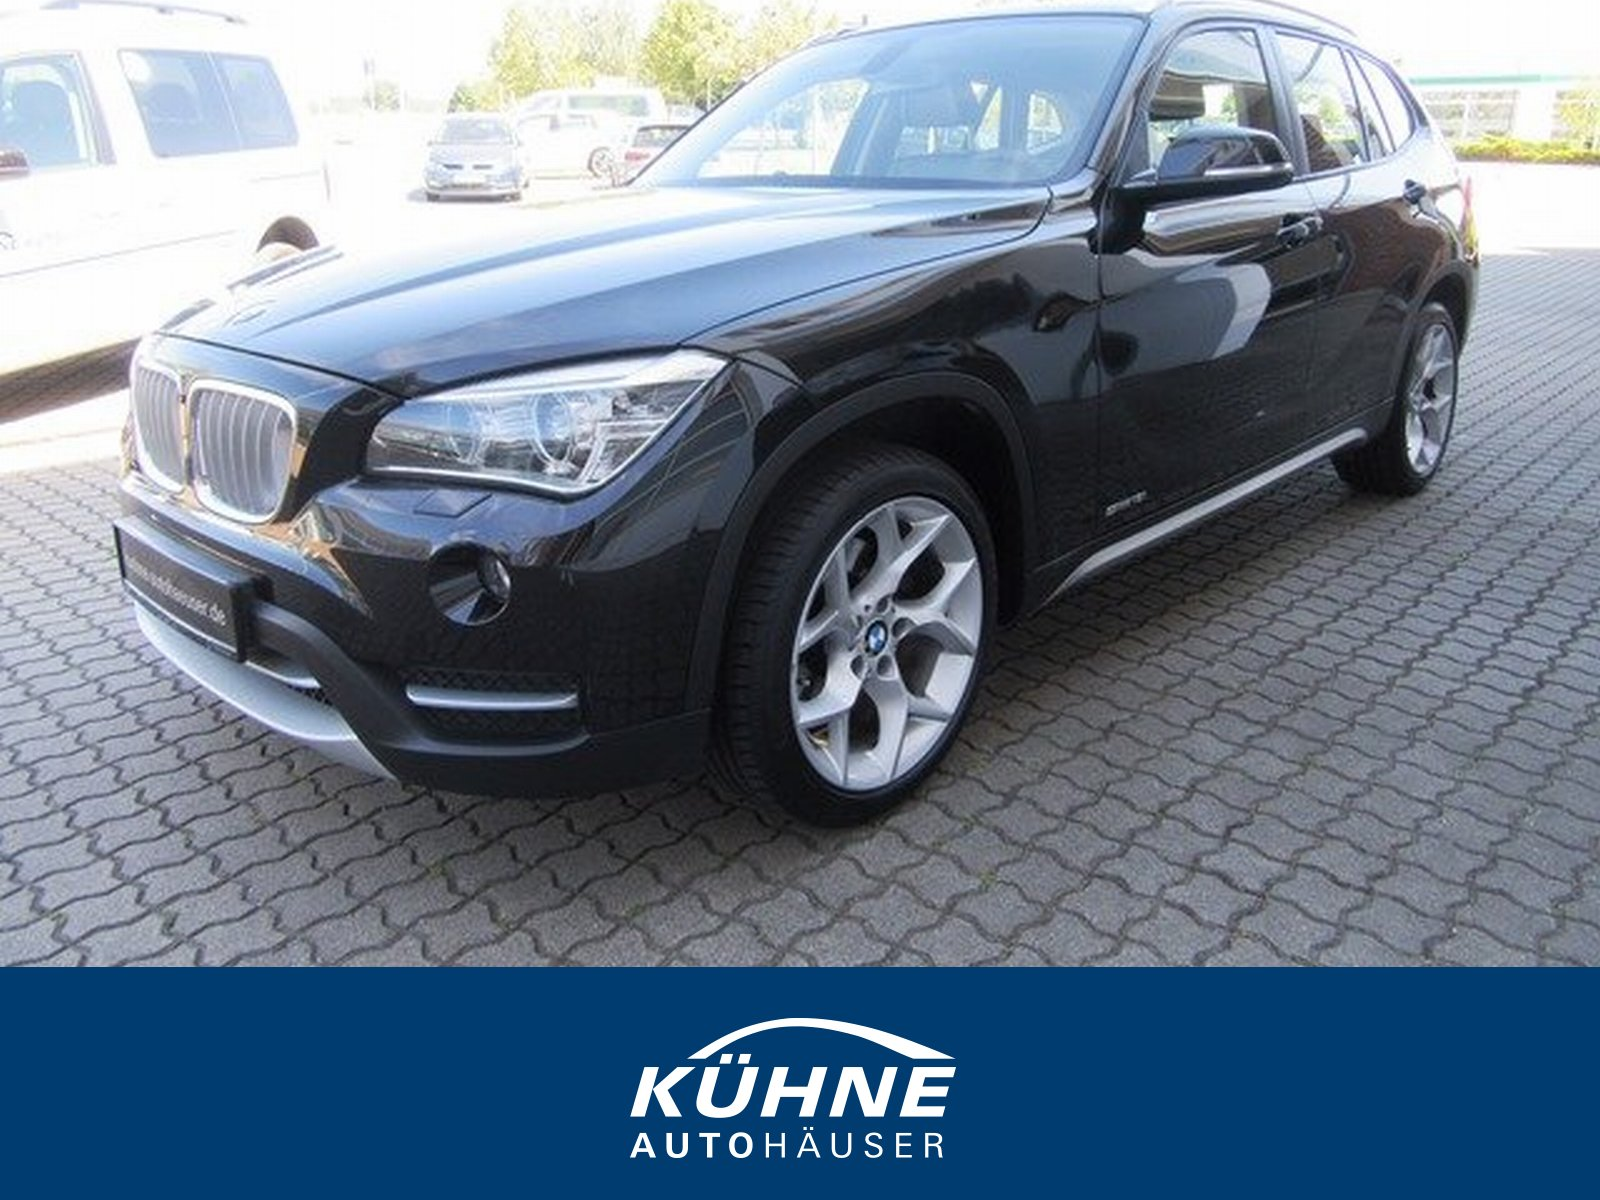 """BMW BMW X1 18i/Bi-Xenon/X-line/PDC/18"""" LM/SHZ/Tempom, Jahr 2012, petrol"""